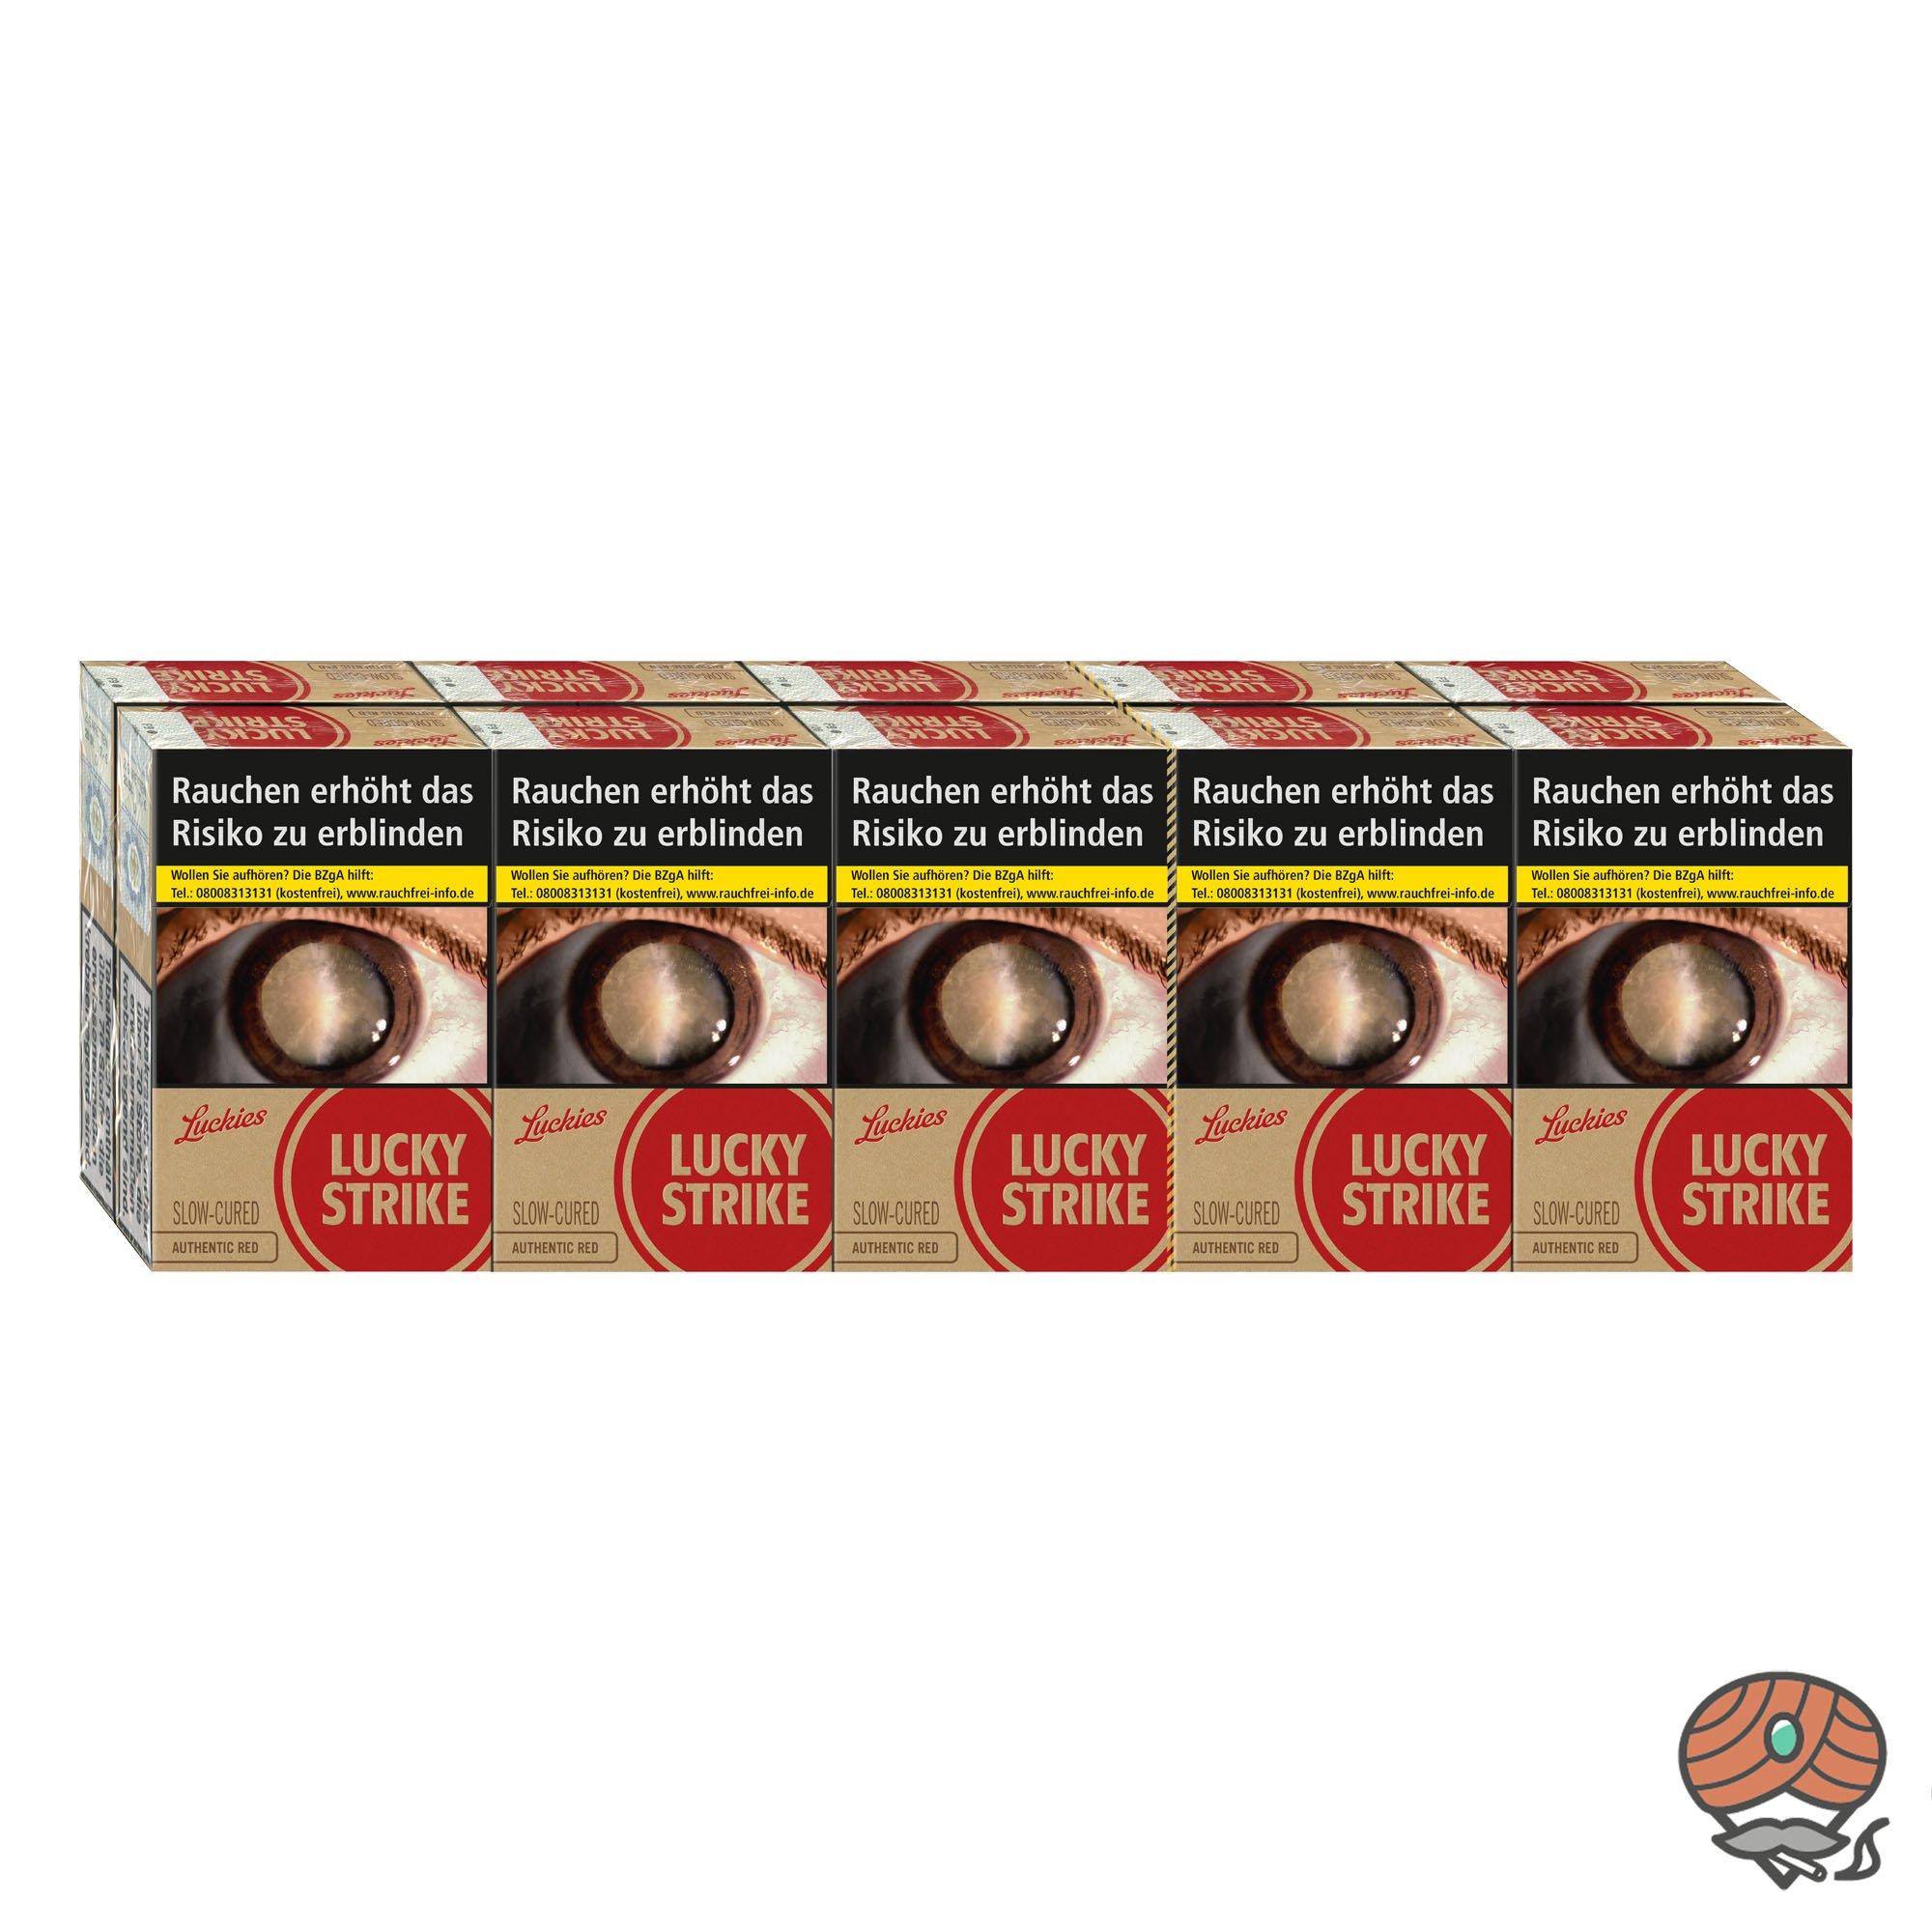 Lucky Strike Authentic Red Zigaretten (ohne Zusätze) Inhalt 10 x 20 Stück = 1 Stange